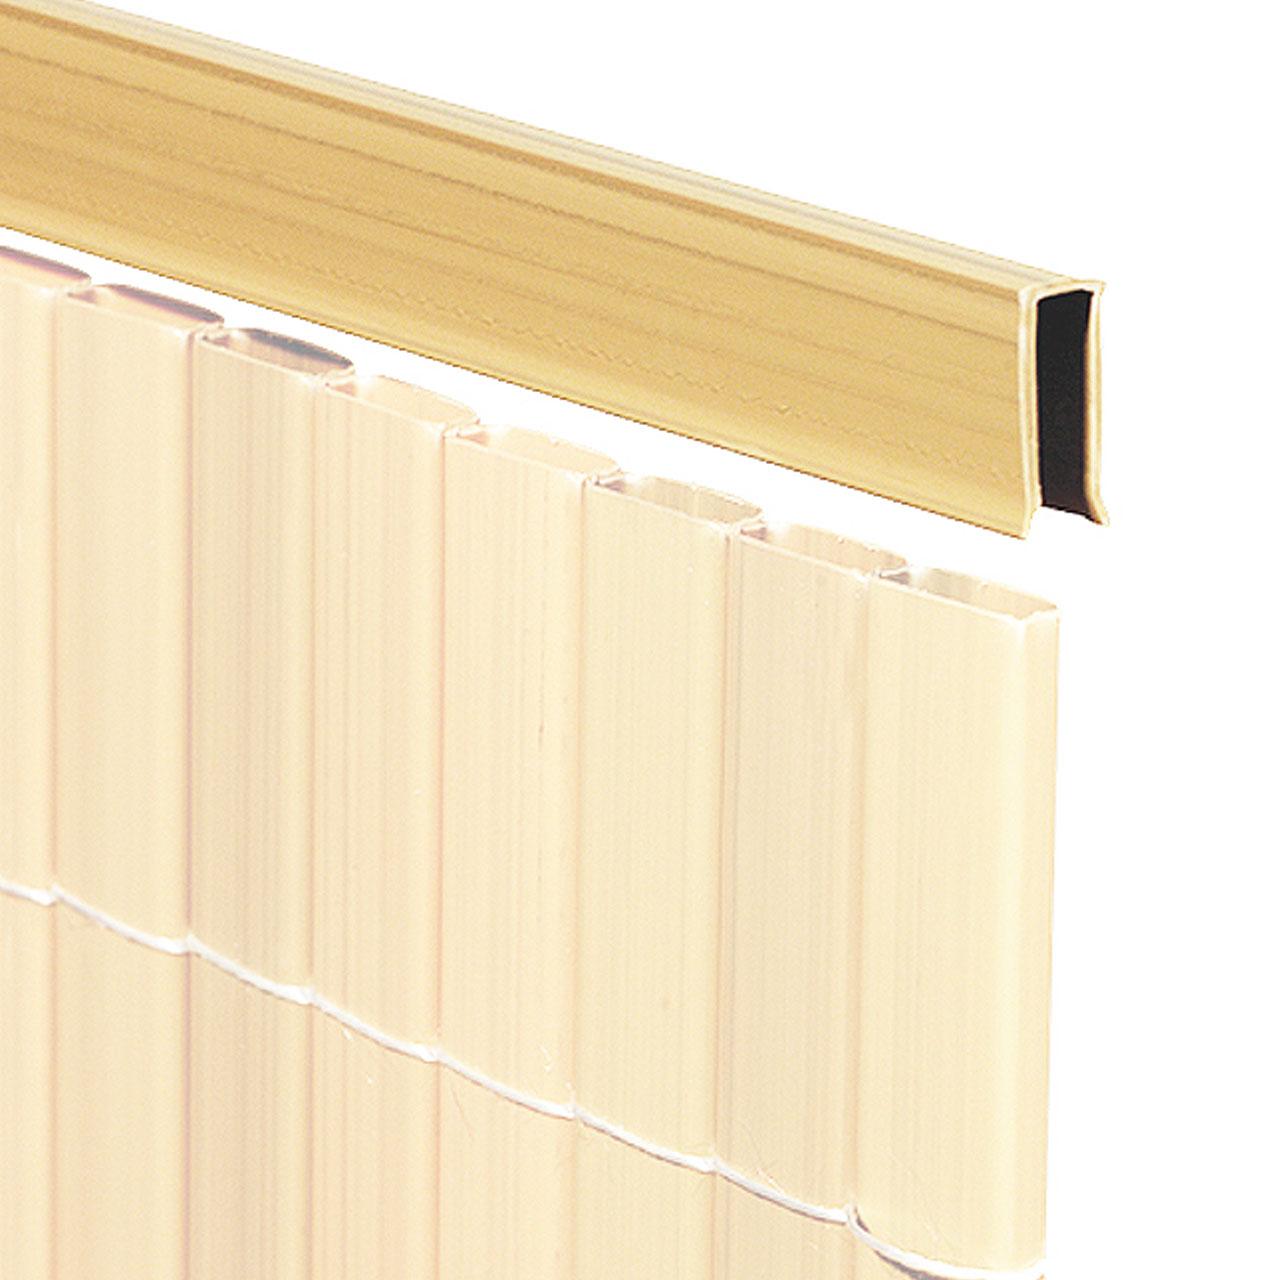 u profil f r sichtschutzmatte r gen bambus sichtschutz. Black Bedroom Furniture Sets. Home Design Ideas